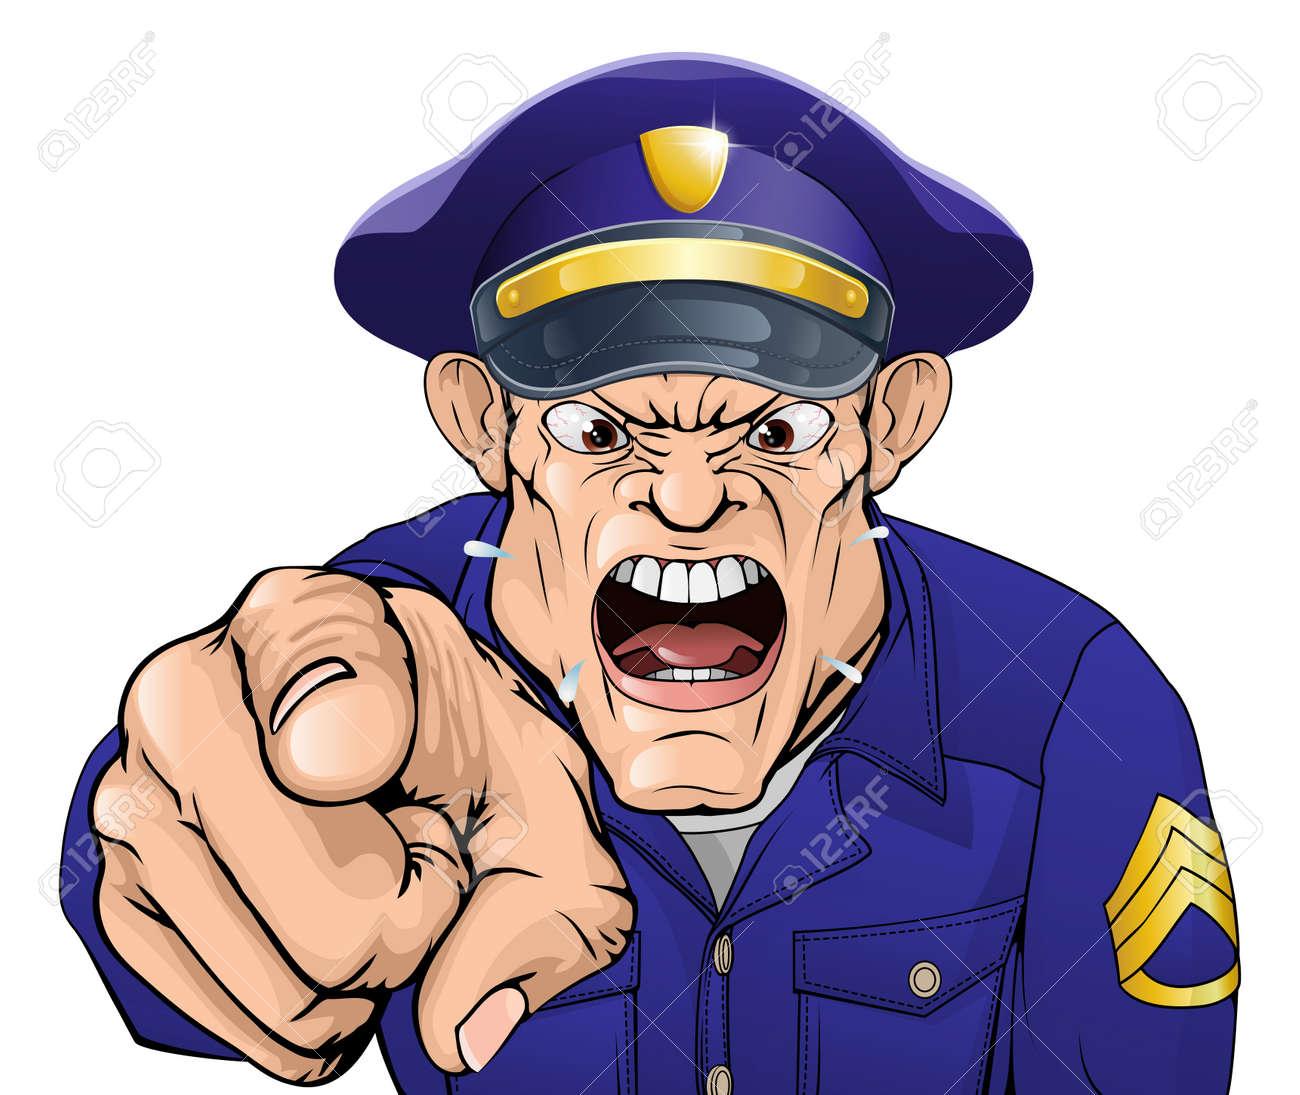 Illustration D Un Flic Policier Dessin Anime En Colere Ou Gardien De Securite En Criant A La Visionneuse